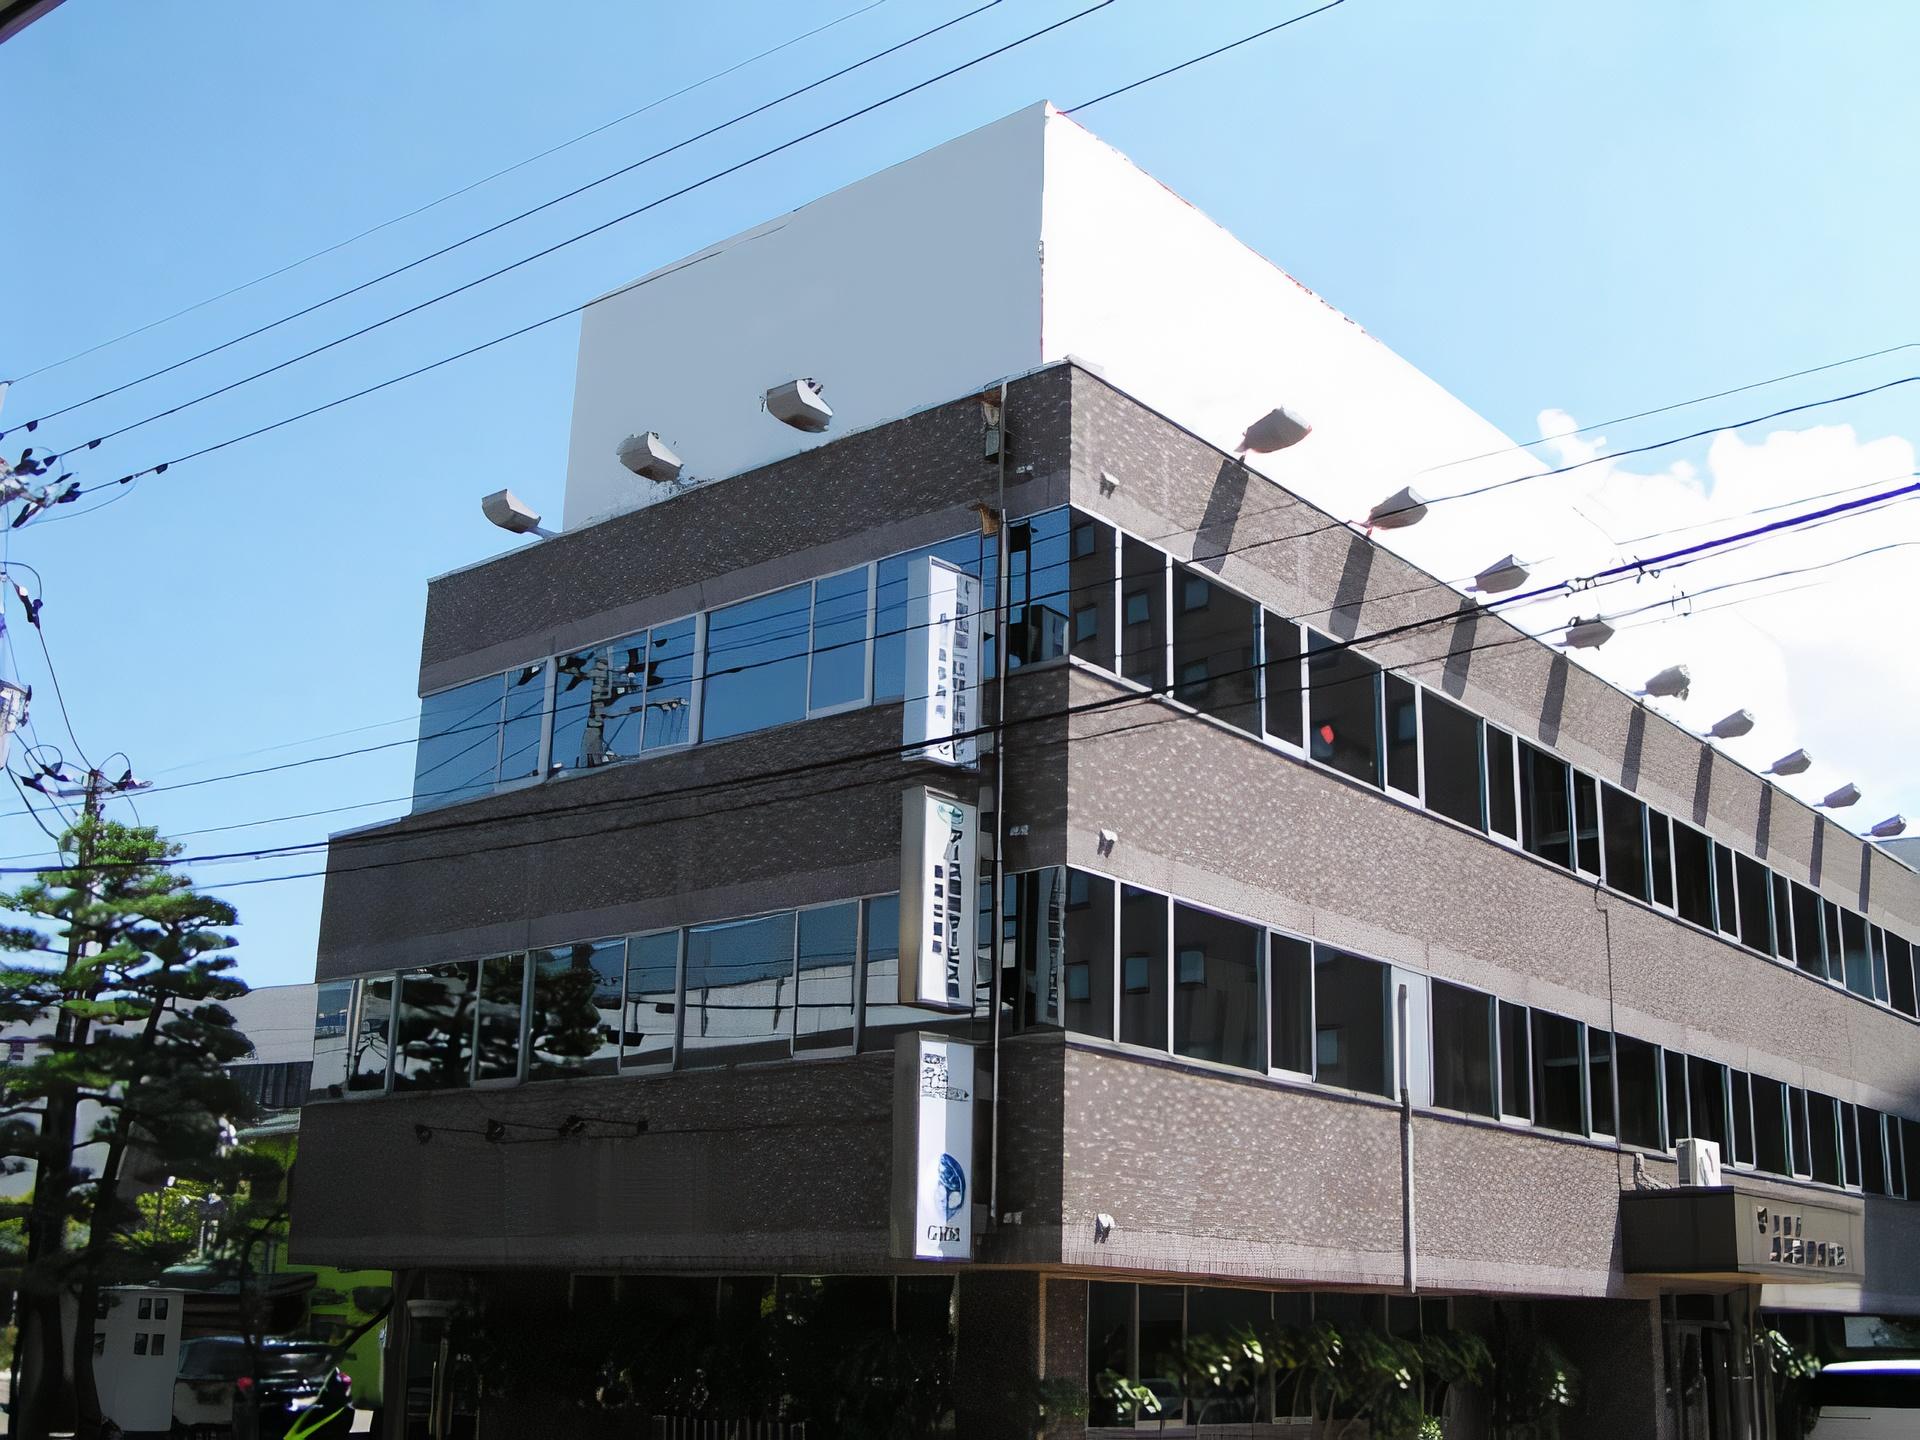 屋上看板・広告:川商第5 燕三条駅前ビル 西側(燕三条駅側)